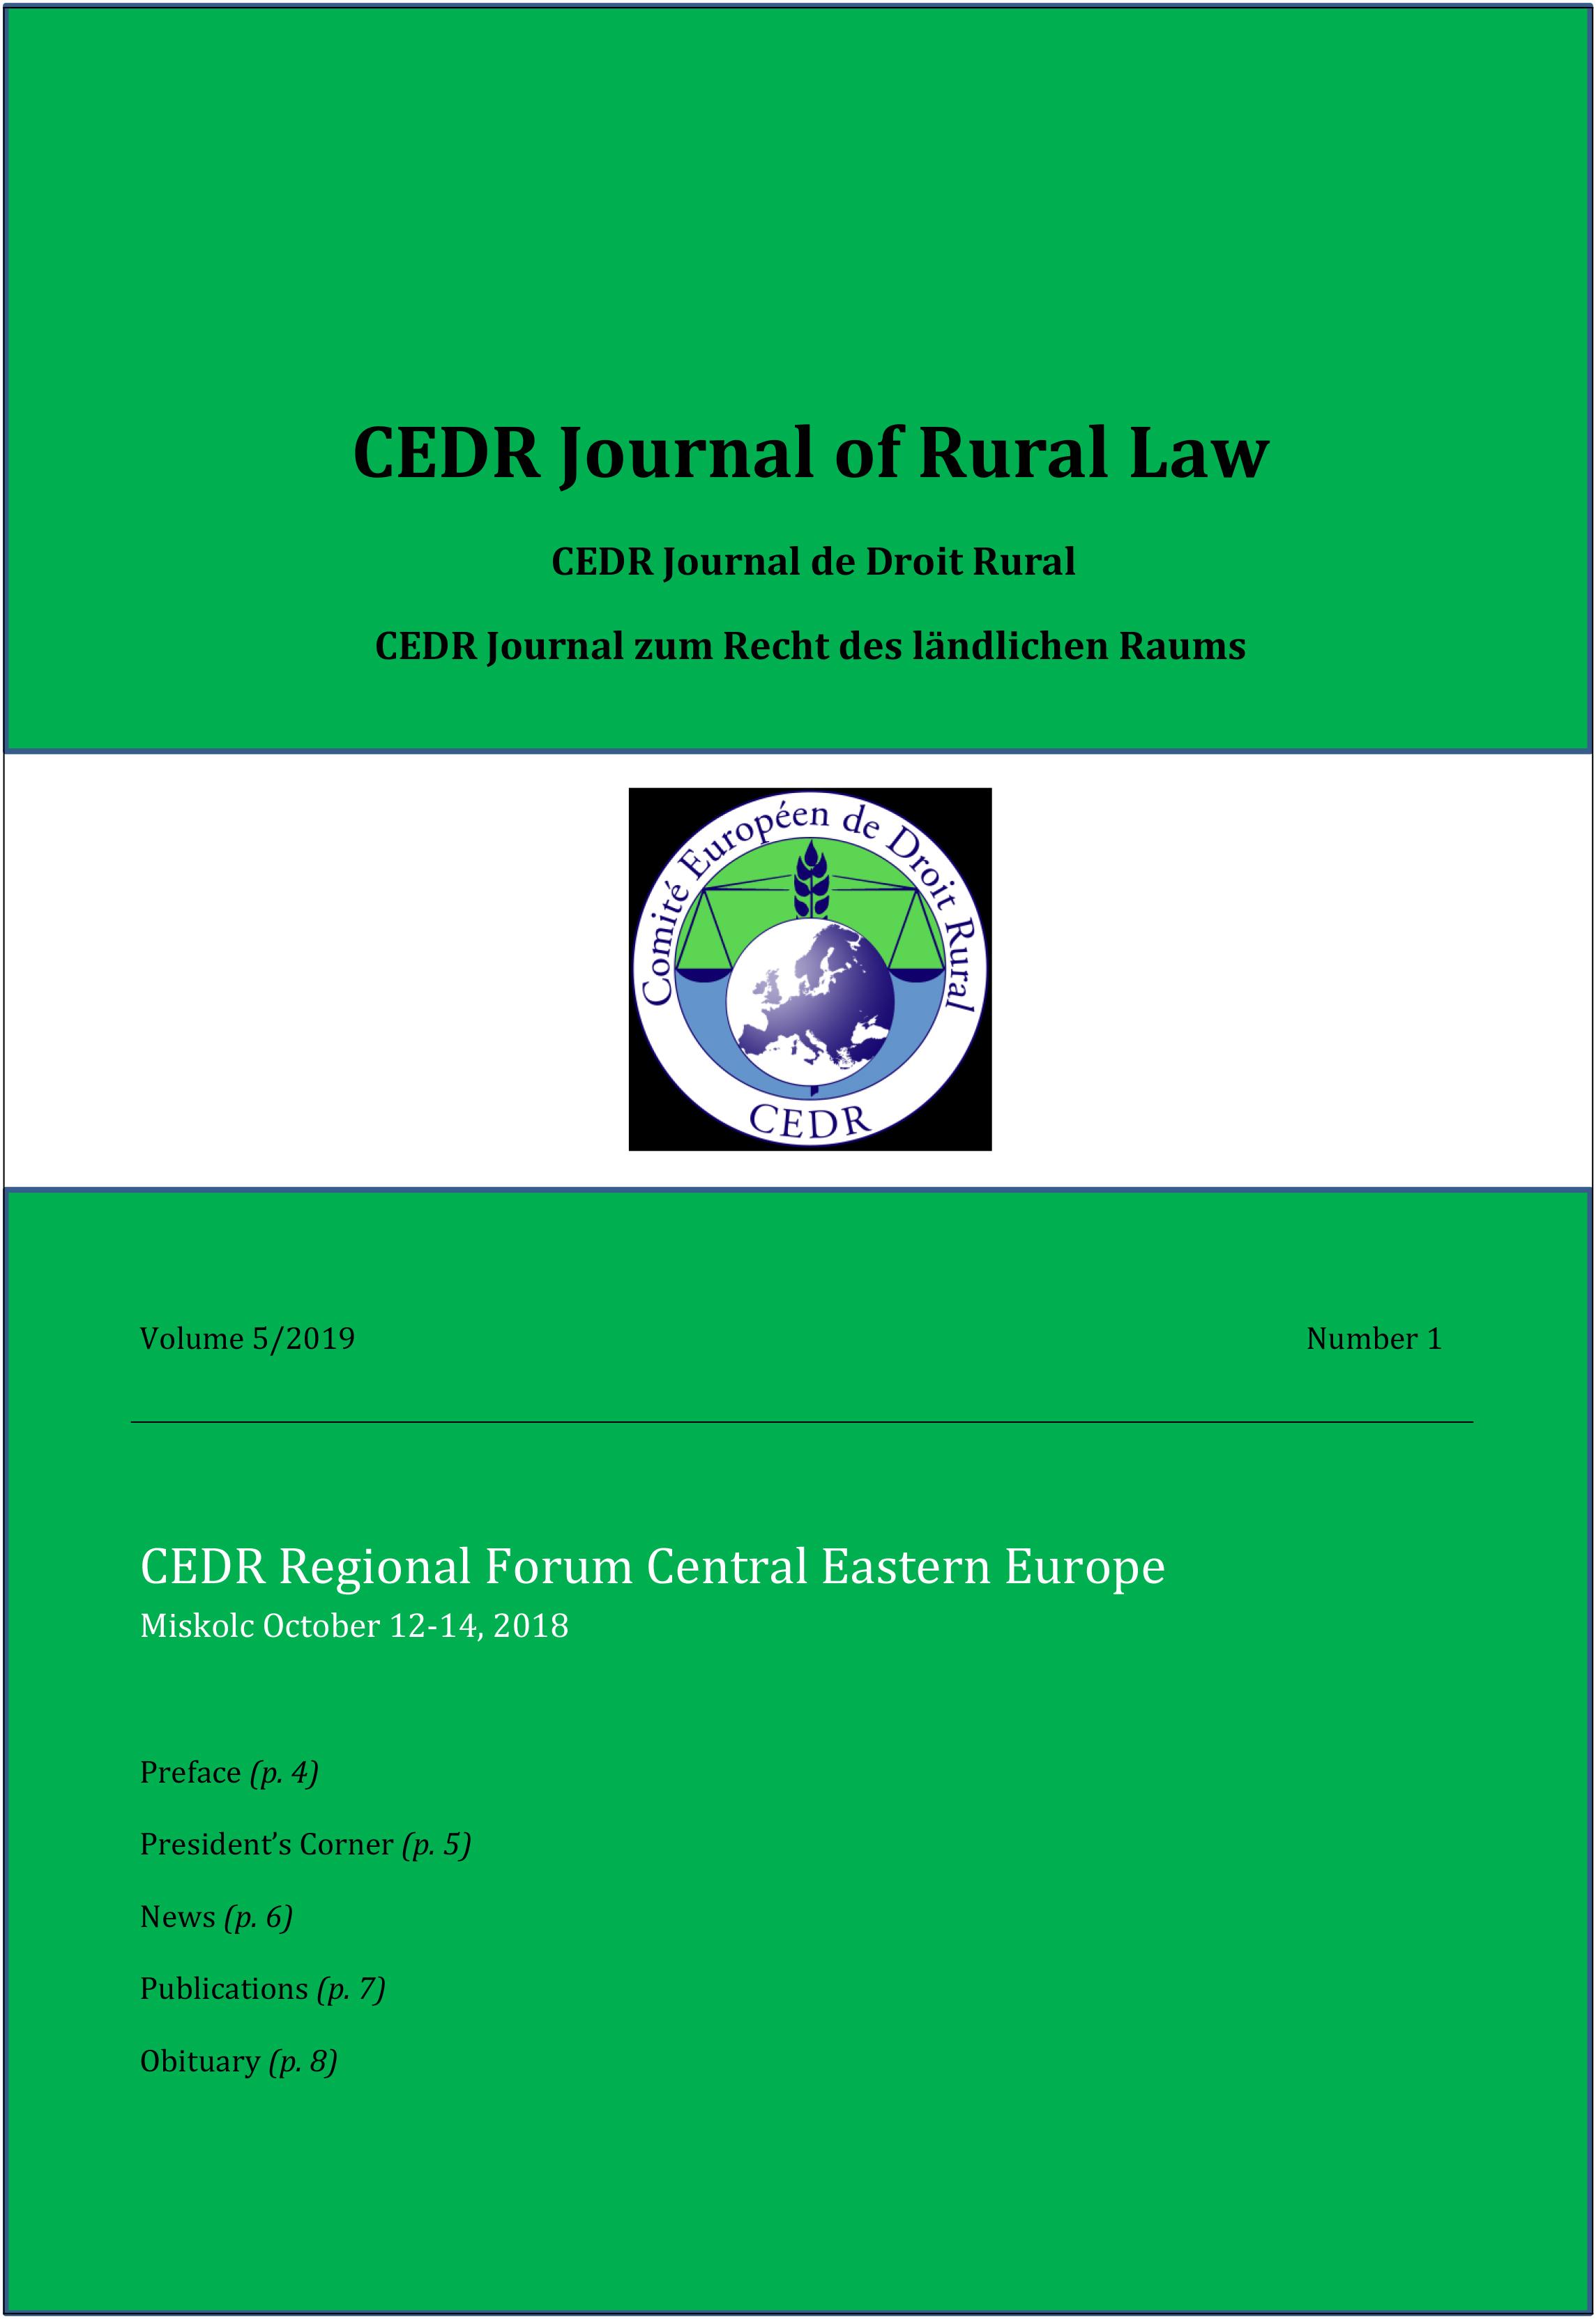 Journal of Rural Law Vol. 5 N°1, 2019